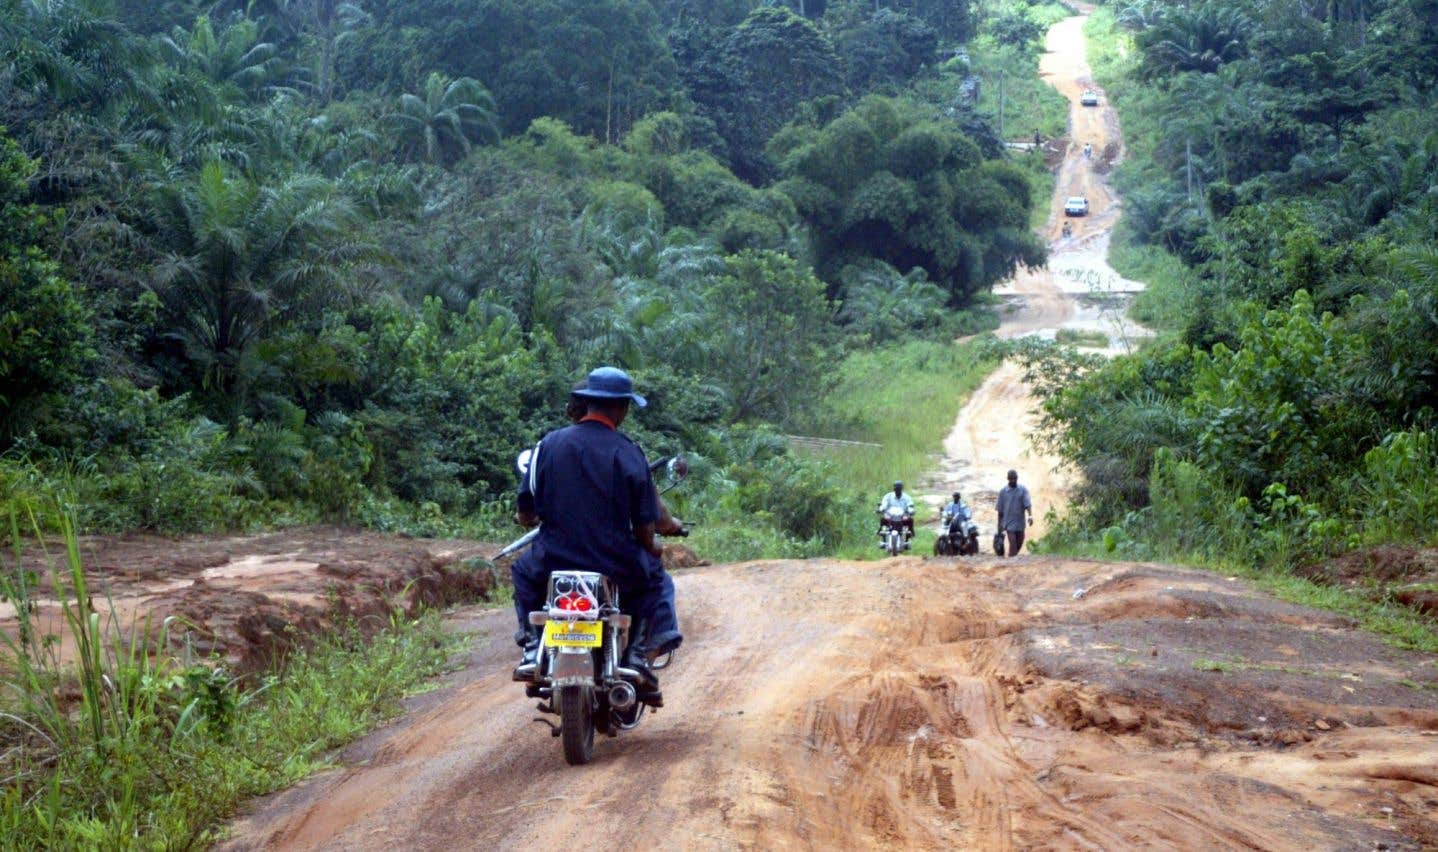 «Je mesouviens d'un père en Tanzanie qui avait fait une demande pour des motocyclettes. J'avais trouvé cela assez étrange. Il m'avait expliqué que le territoire était tellement vaste que c'était très difficile pour les prêtres d'aller d'une paroisse à l'autre, mais que, avec des motocyclettes, ils pourraient beaucoup plus facilement poursuivre leur travail.»